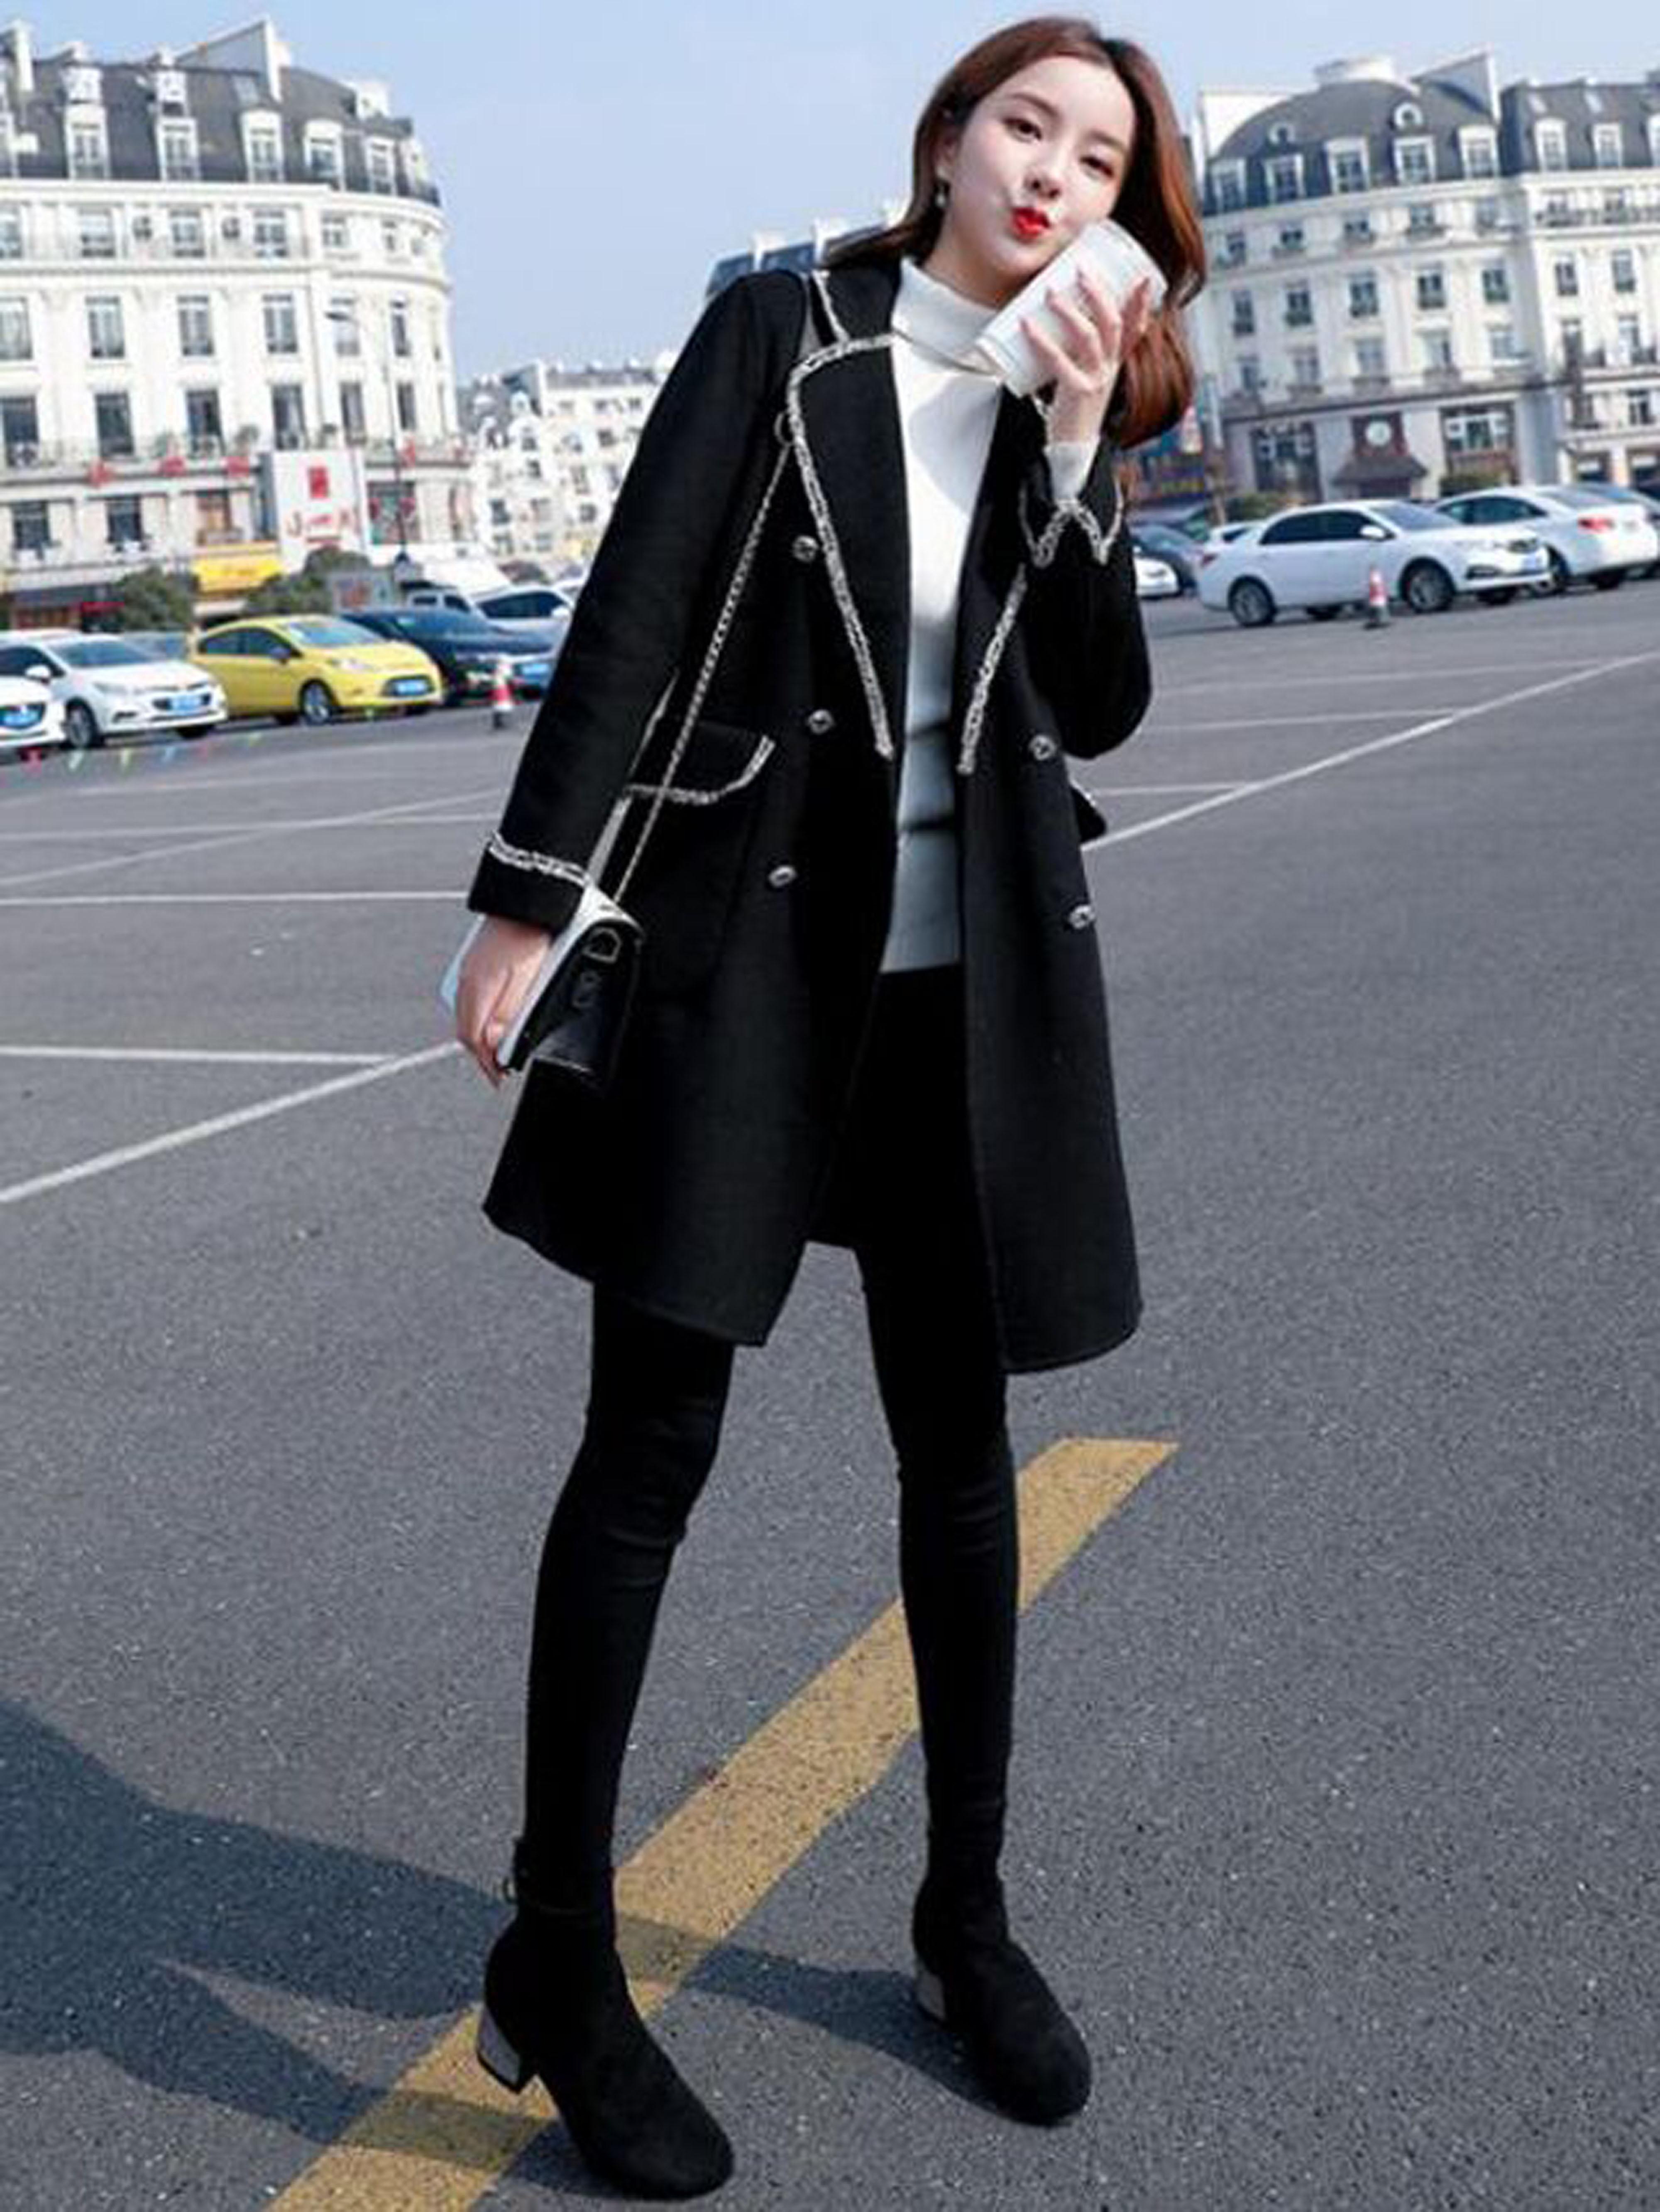 冬季新款韩版翻领毛须边毛呢外套高领毛衣+百搭打底裤时尚三件套